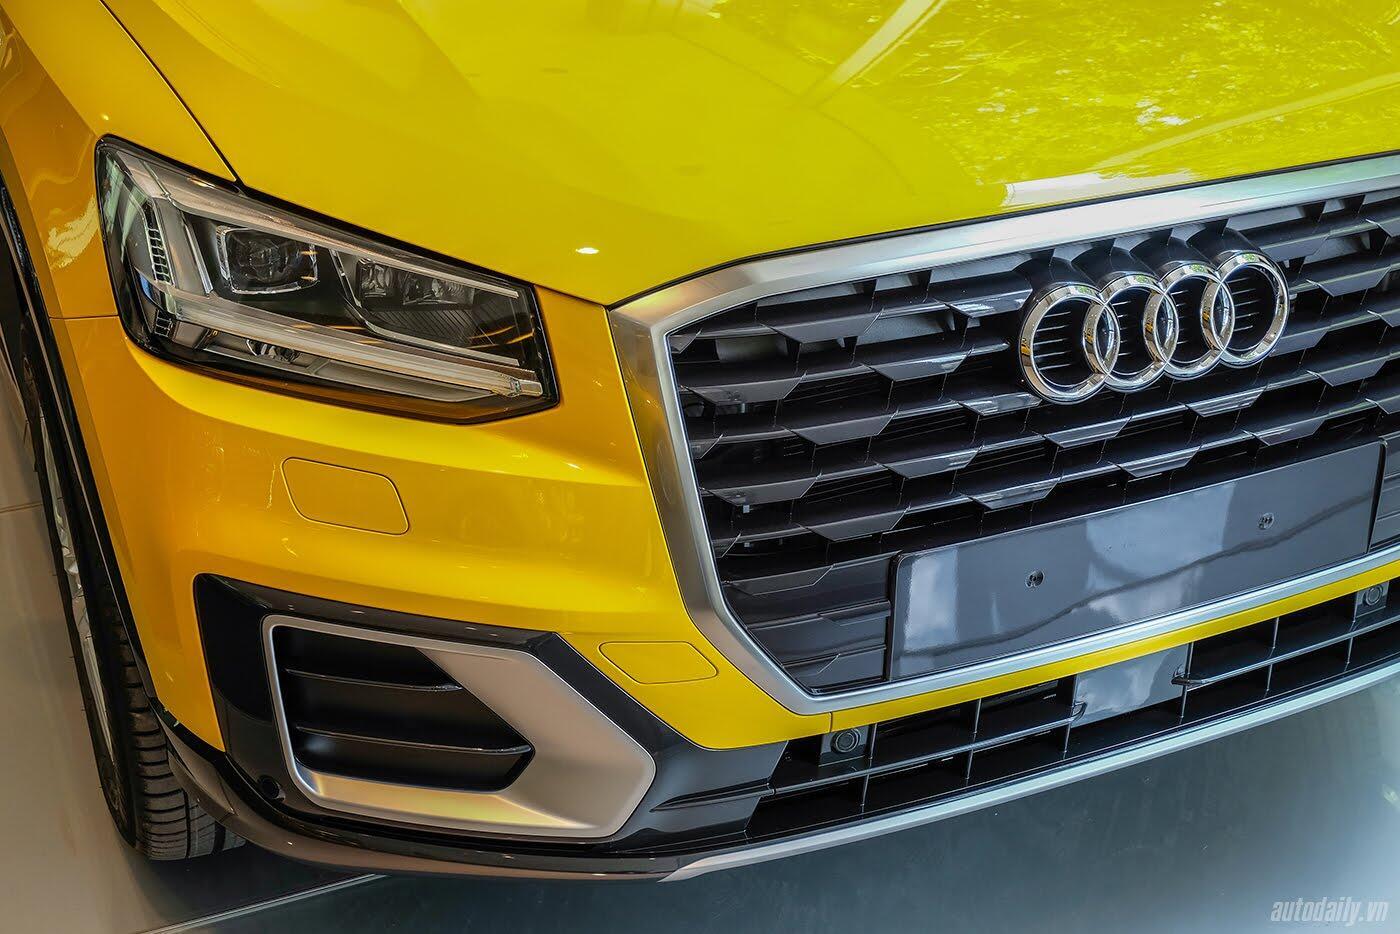 Audi Q2 đã có mặt tại showroom, sẵn sàng bán tới tay người dùng - Hình 3